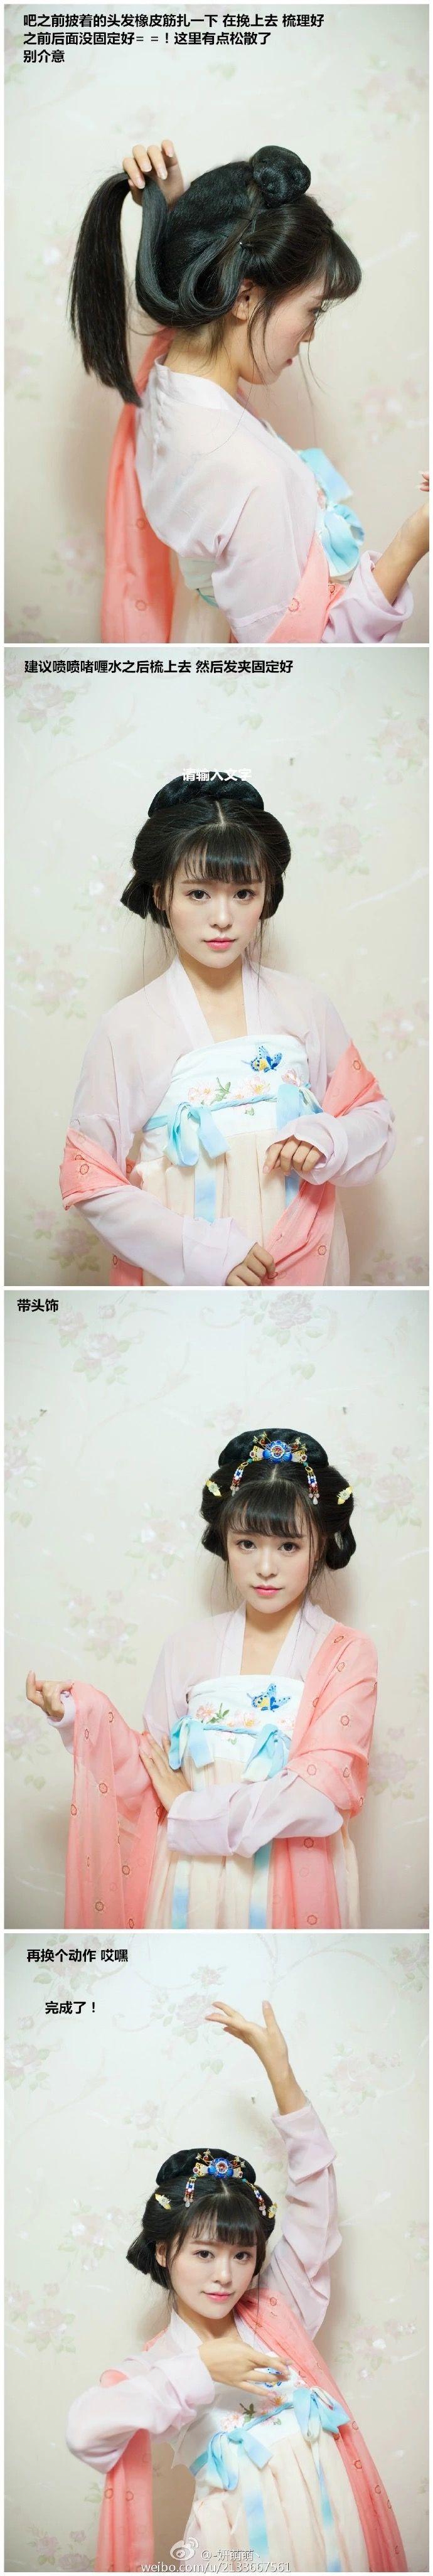 661 besten Chine Bilder auf Pinterest